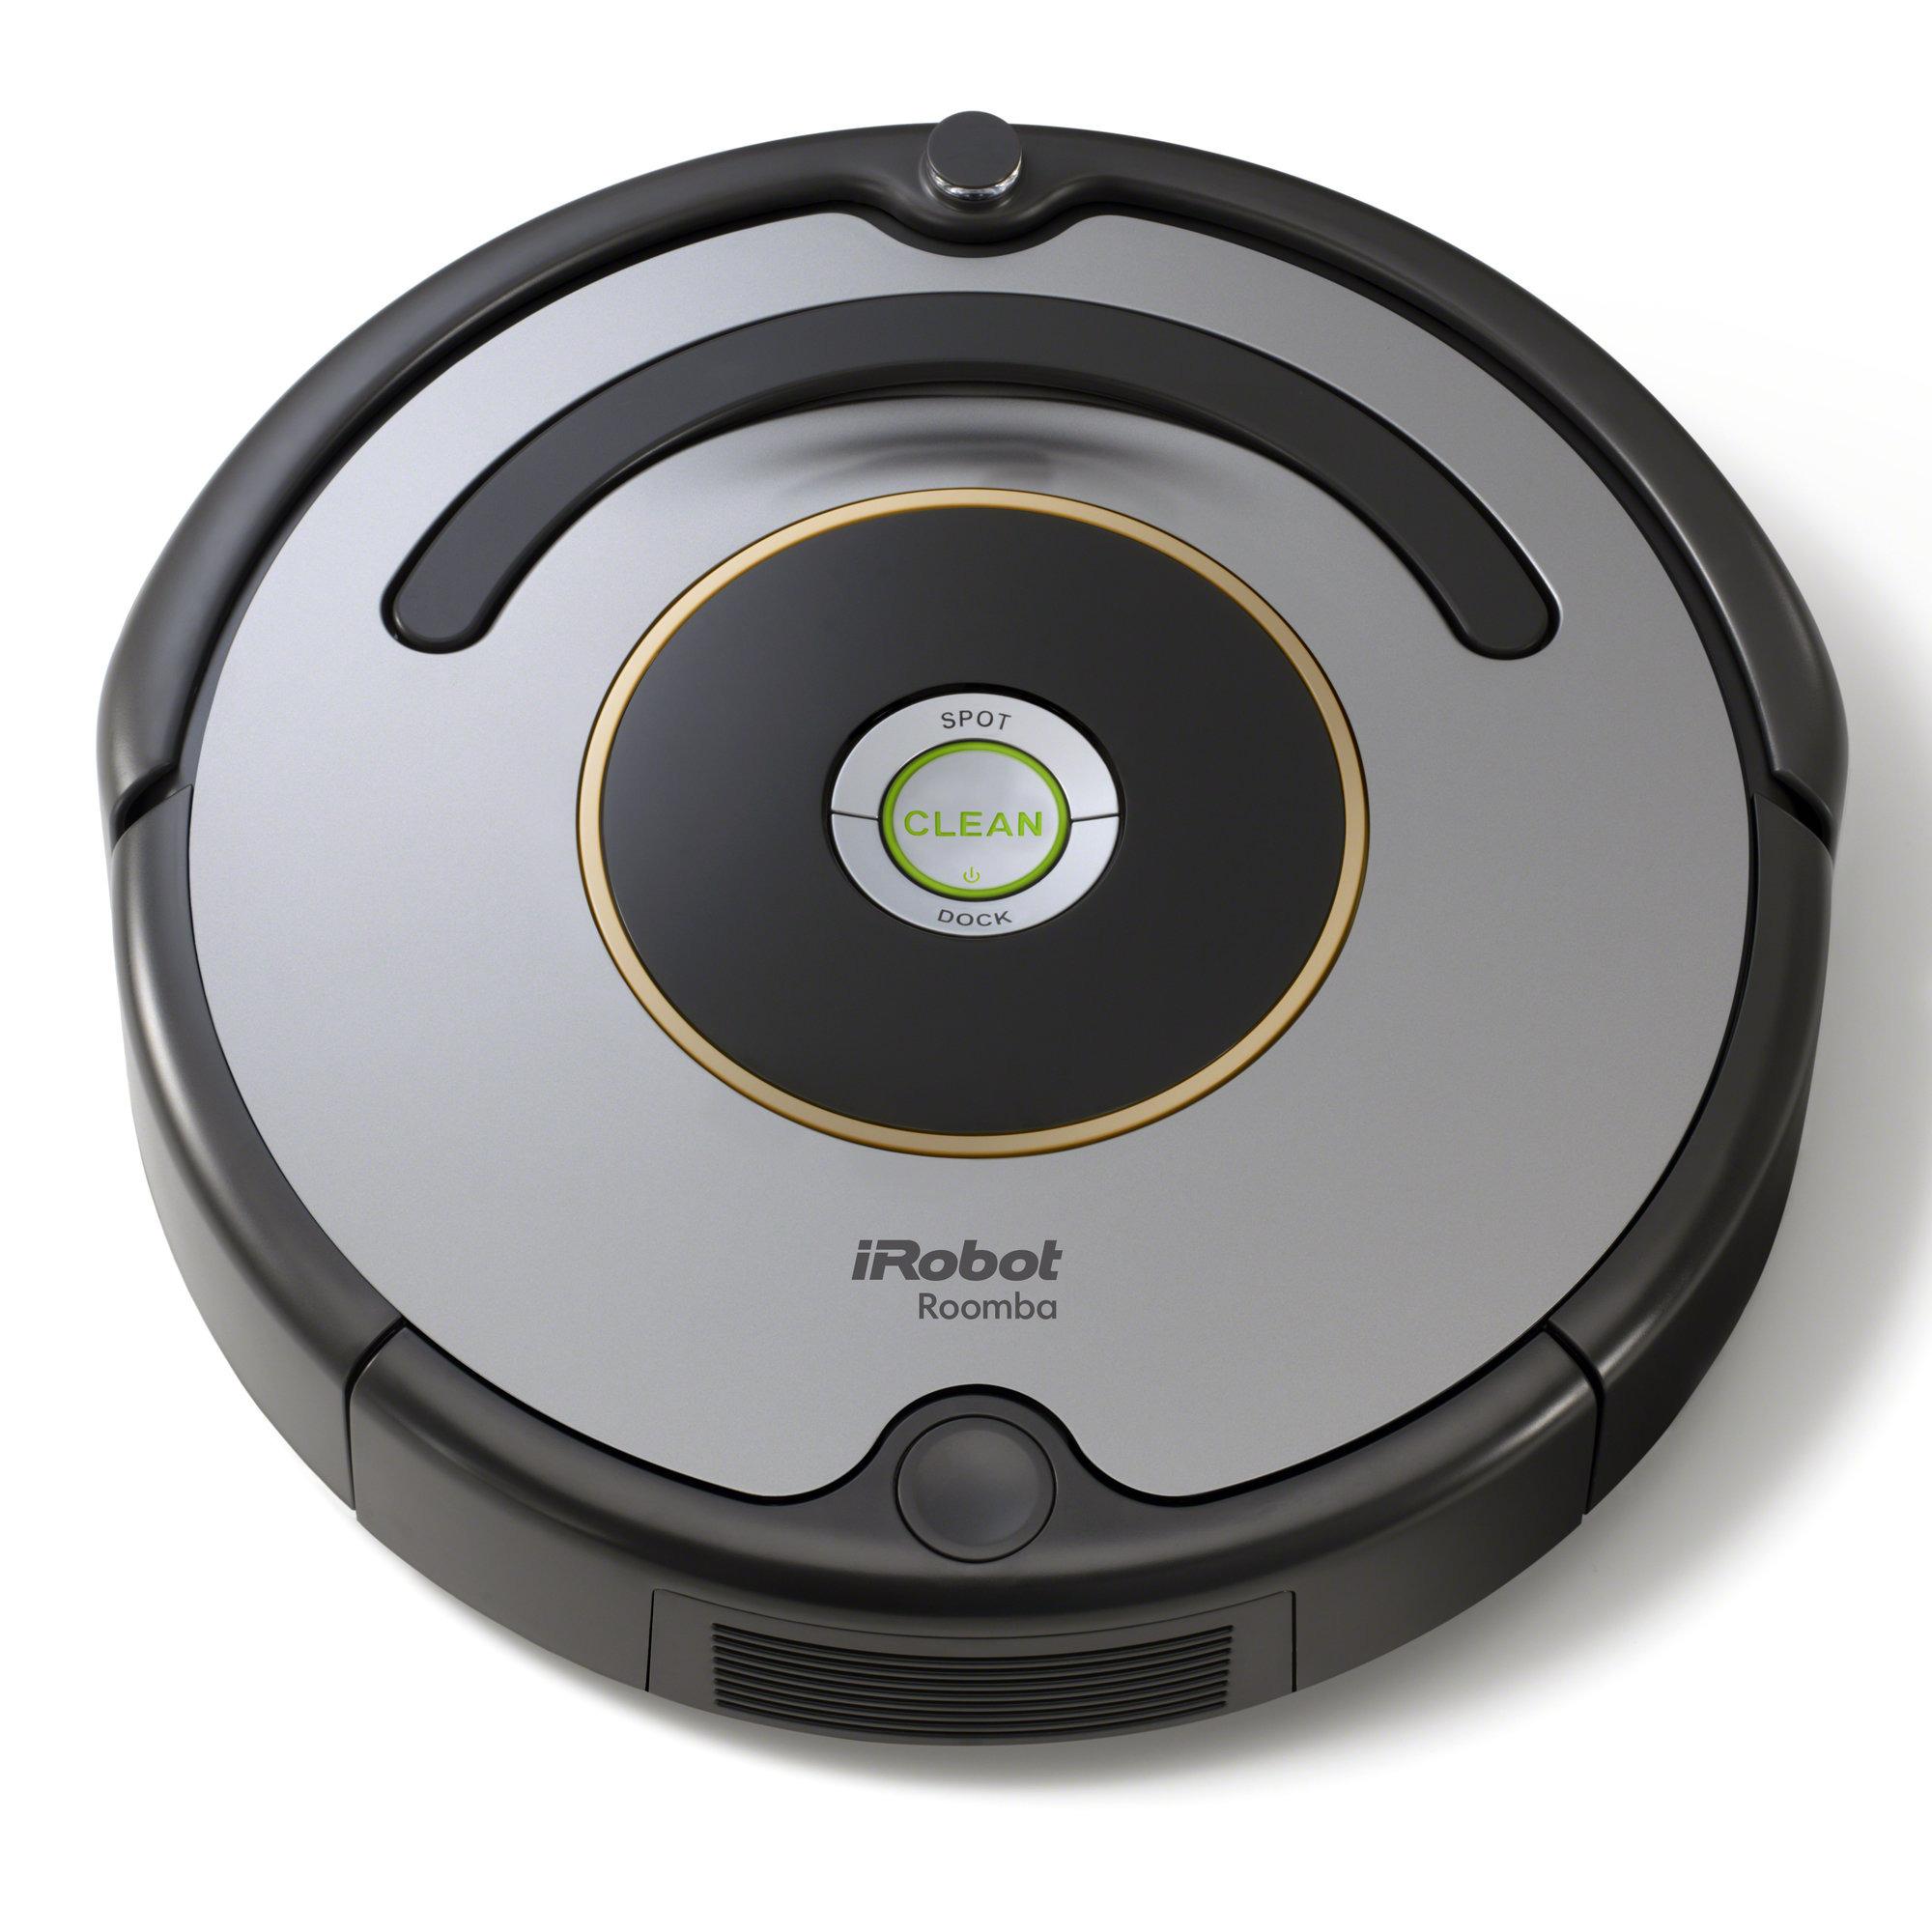 roomba 616 robotst vsuger fra irobot gratis levering. Black Bedroom Furniture Sets. Home Design Ideas